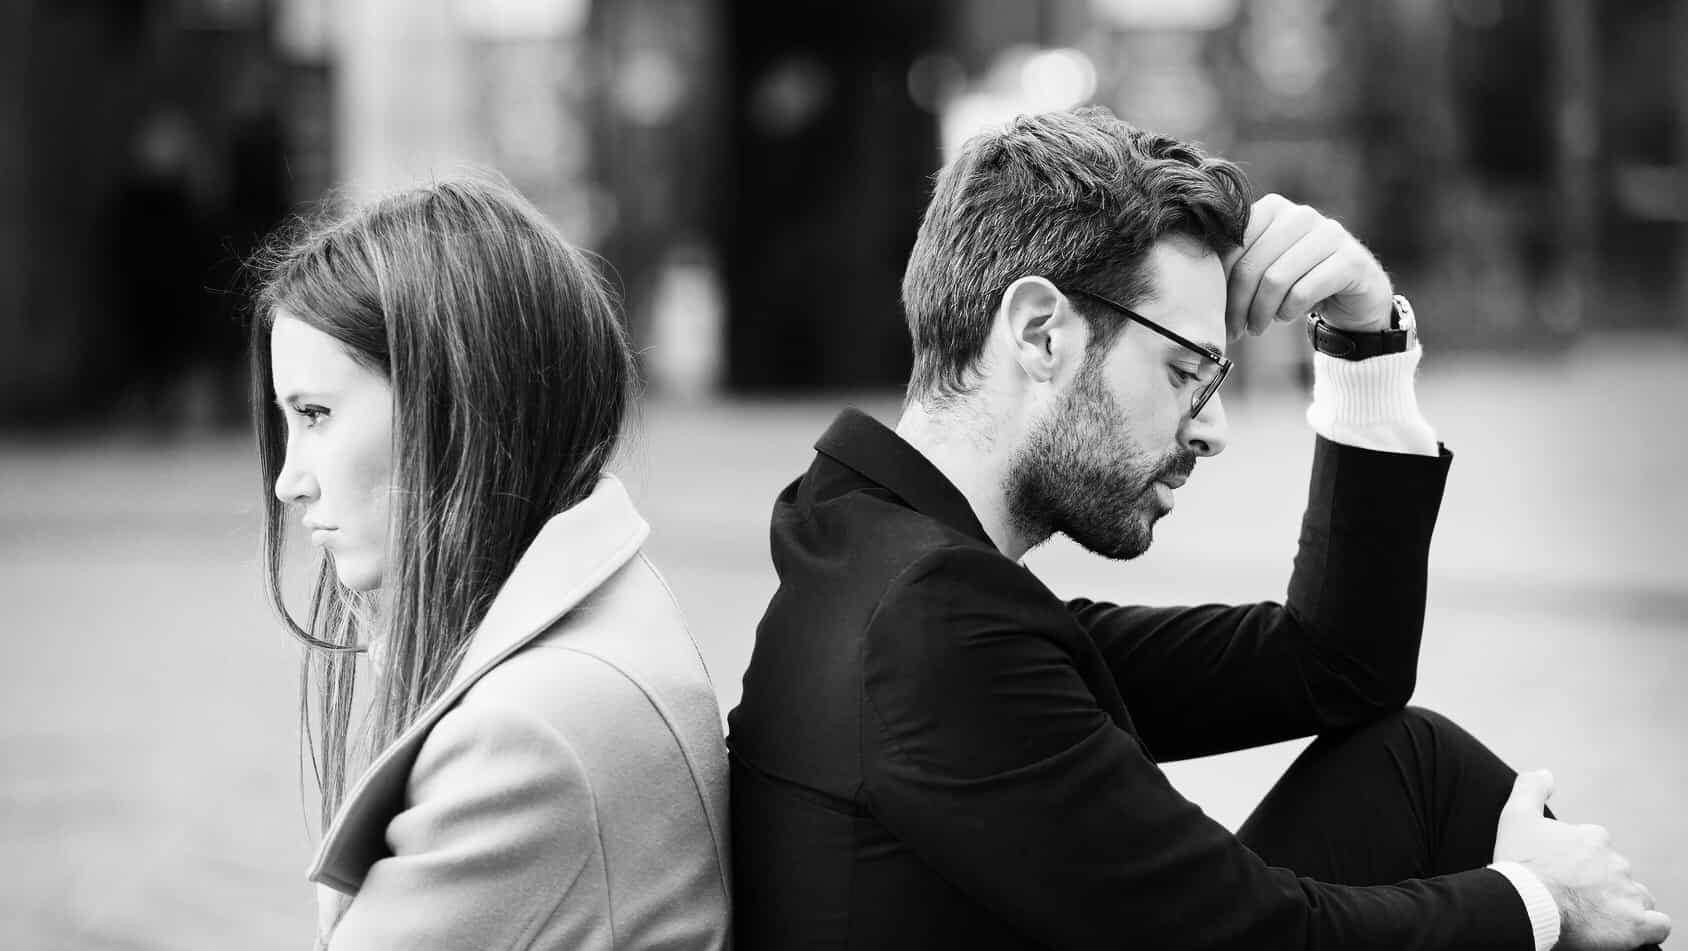 10 loại mối quan hệ độc hại bạn cần thoát khỏi ngay lập tức